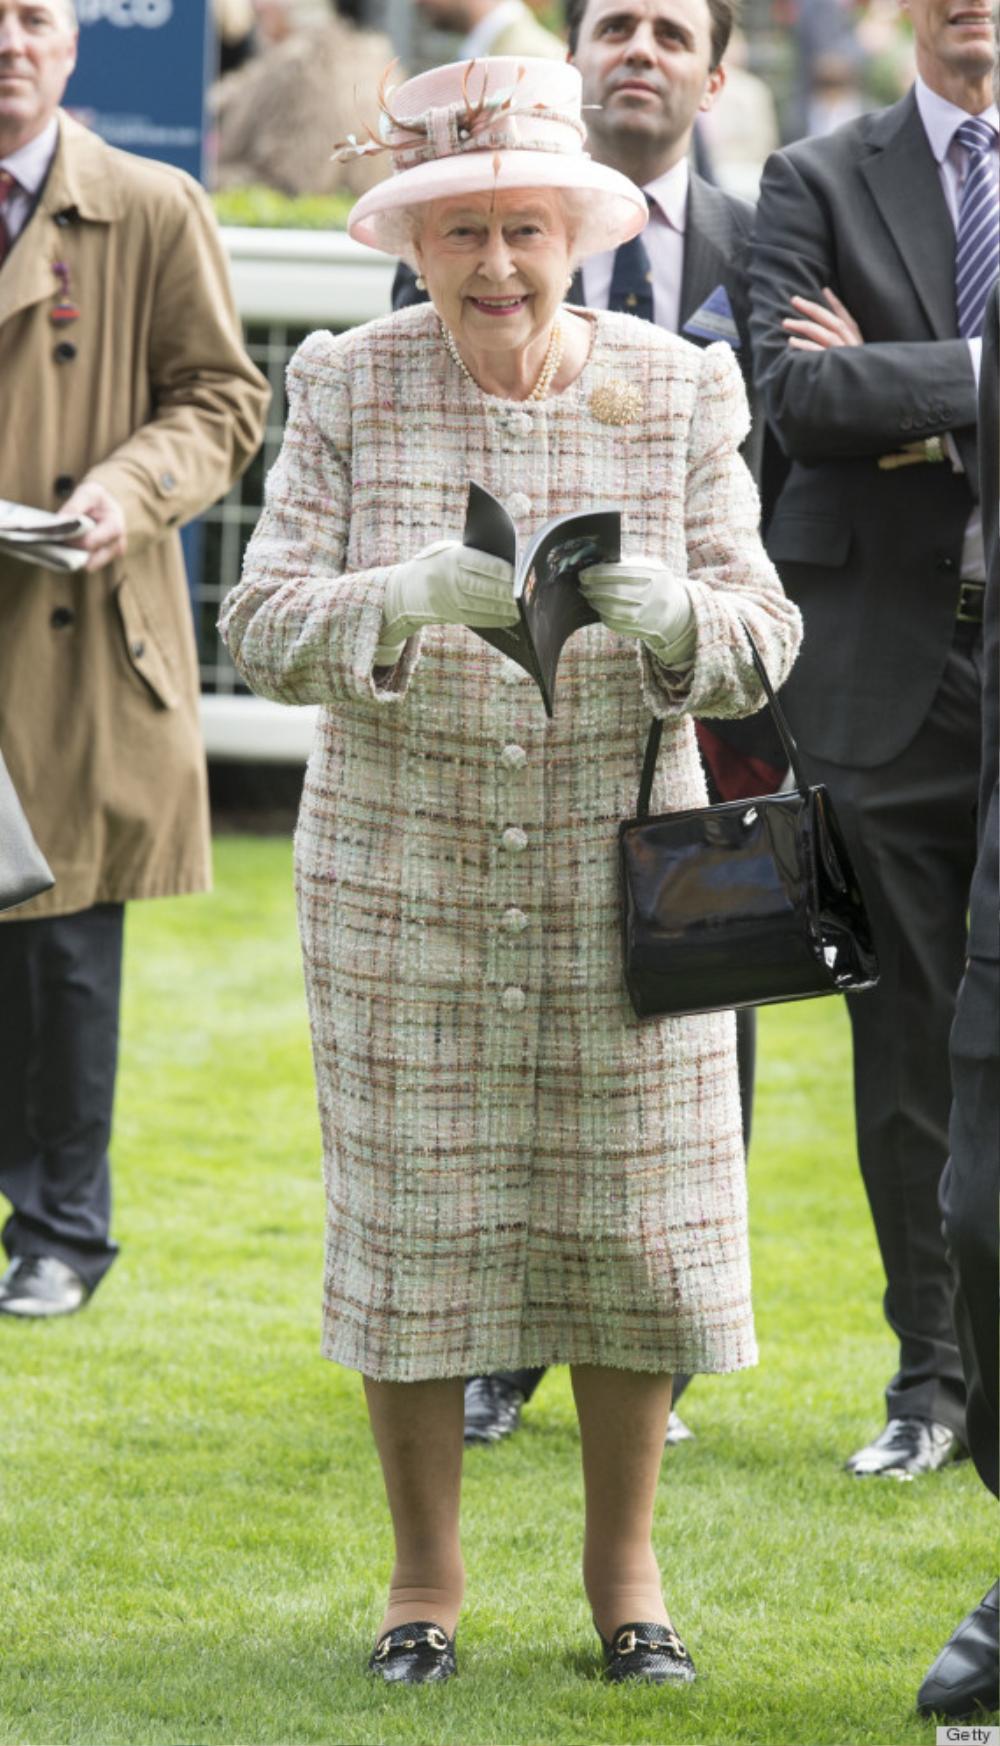 Bí ẩn tủ đồ Hoàng gia: 15 lần phụ nữ Hoàng gia khéo léo sửa lại quần áo cũ để tái sử dụng Ảnh 19